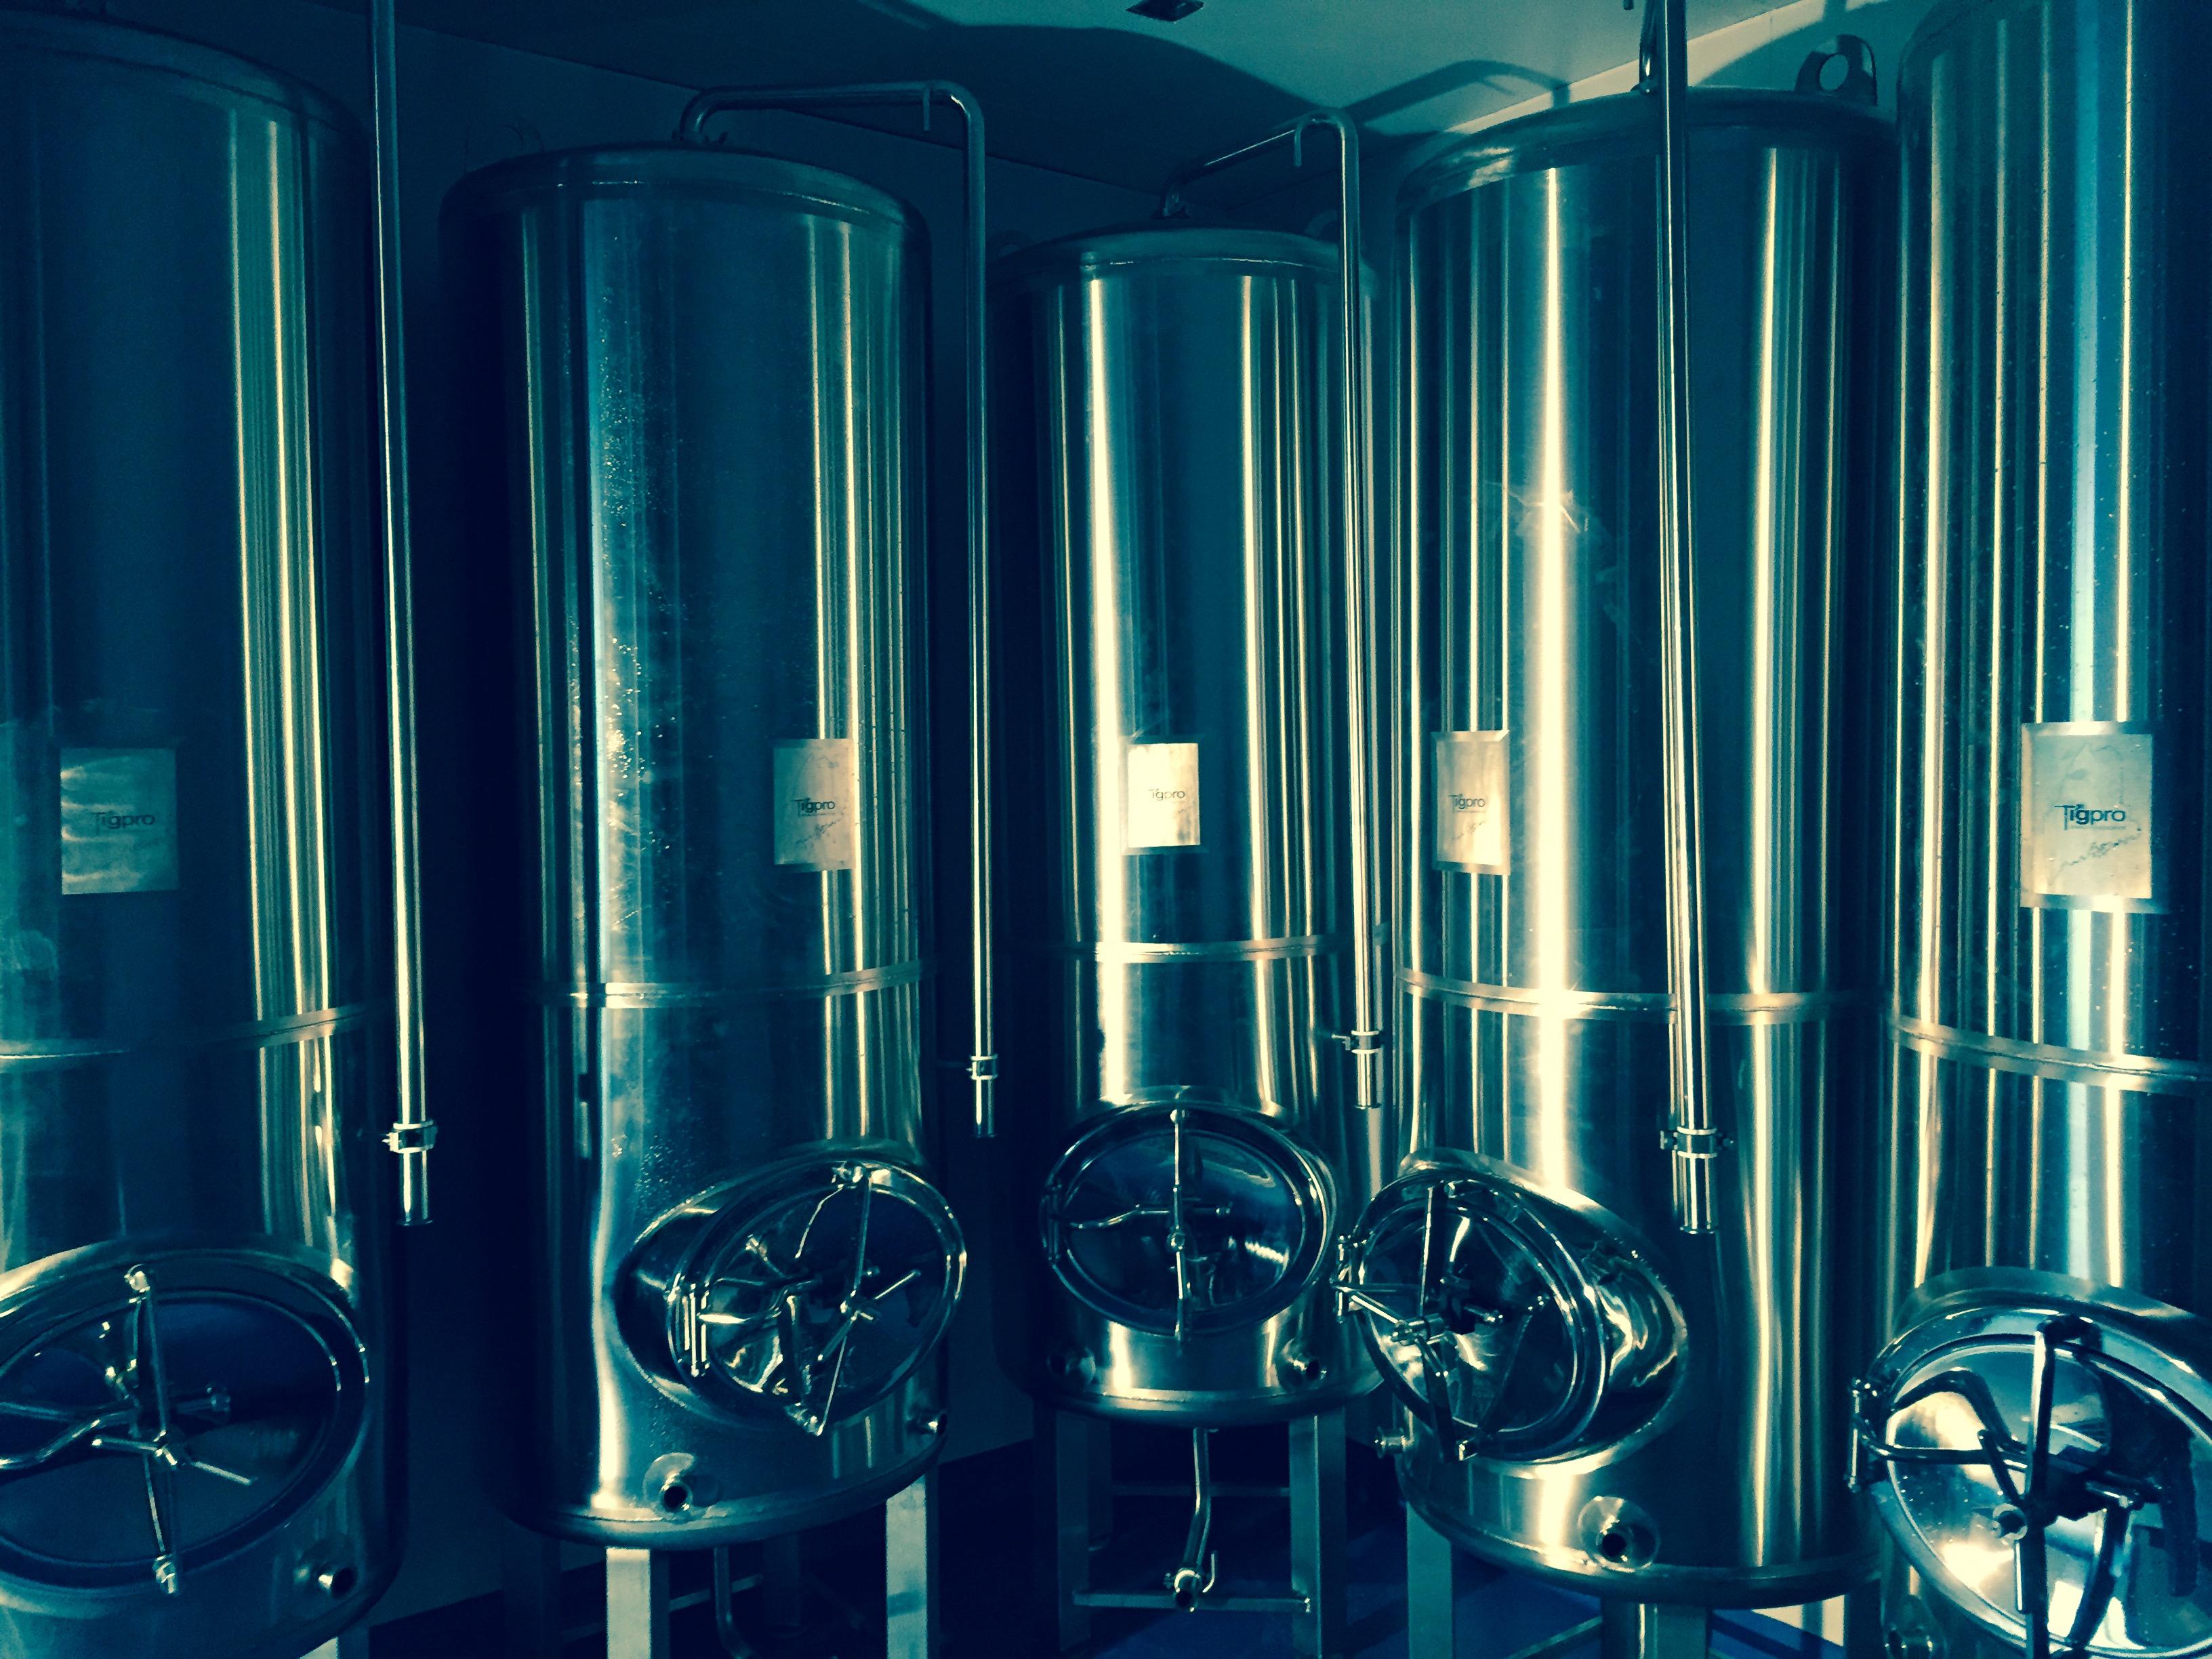 True West craft brewery